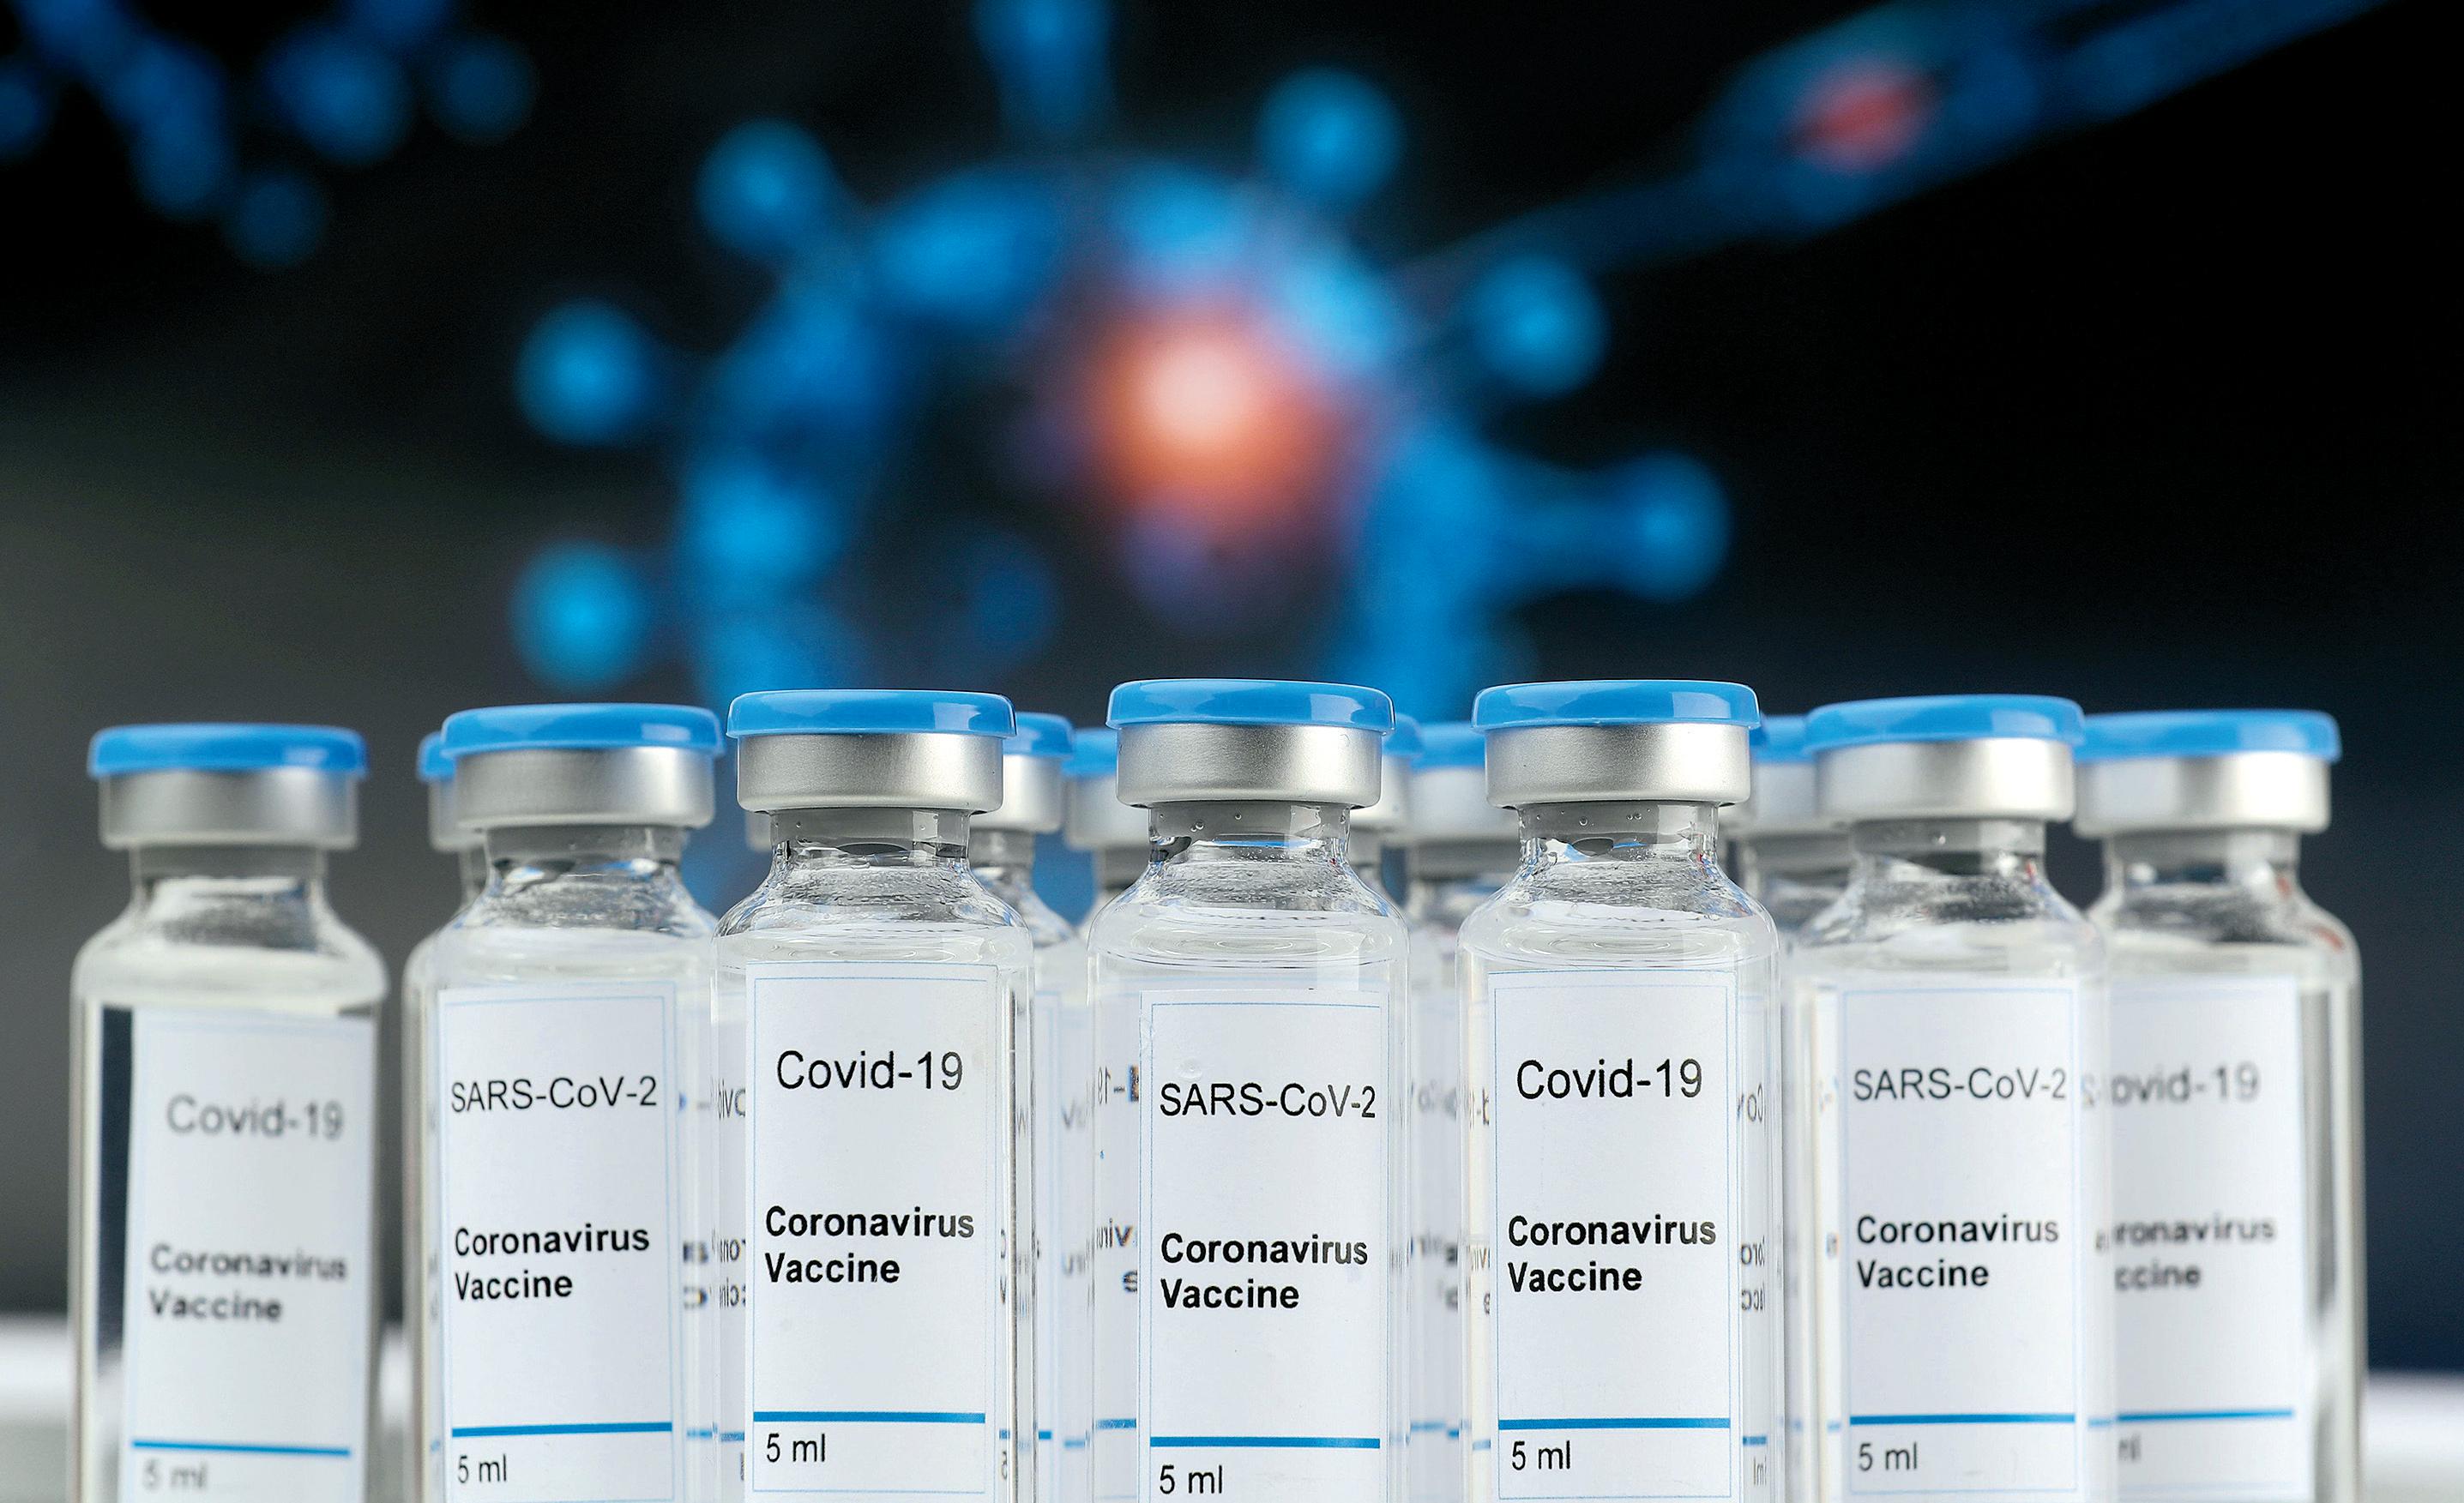 Covid 19 Impfstoffentwicklung Schneller Aber Sicher